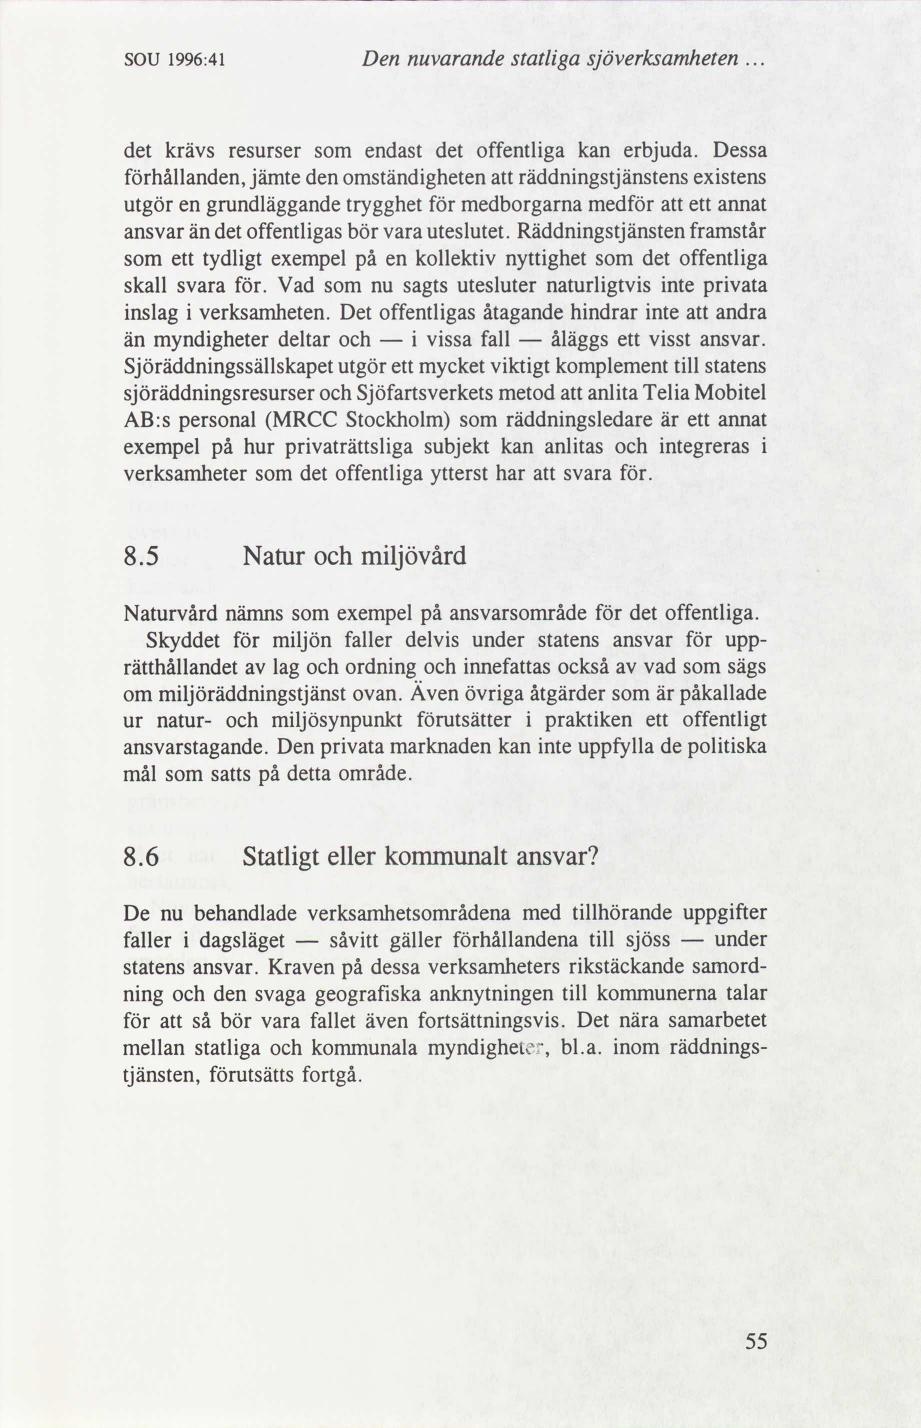 Umea kan fa ansvar for norrlandskt polisarbete